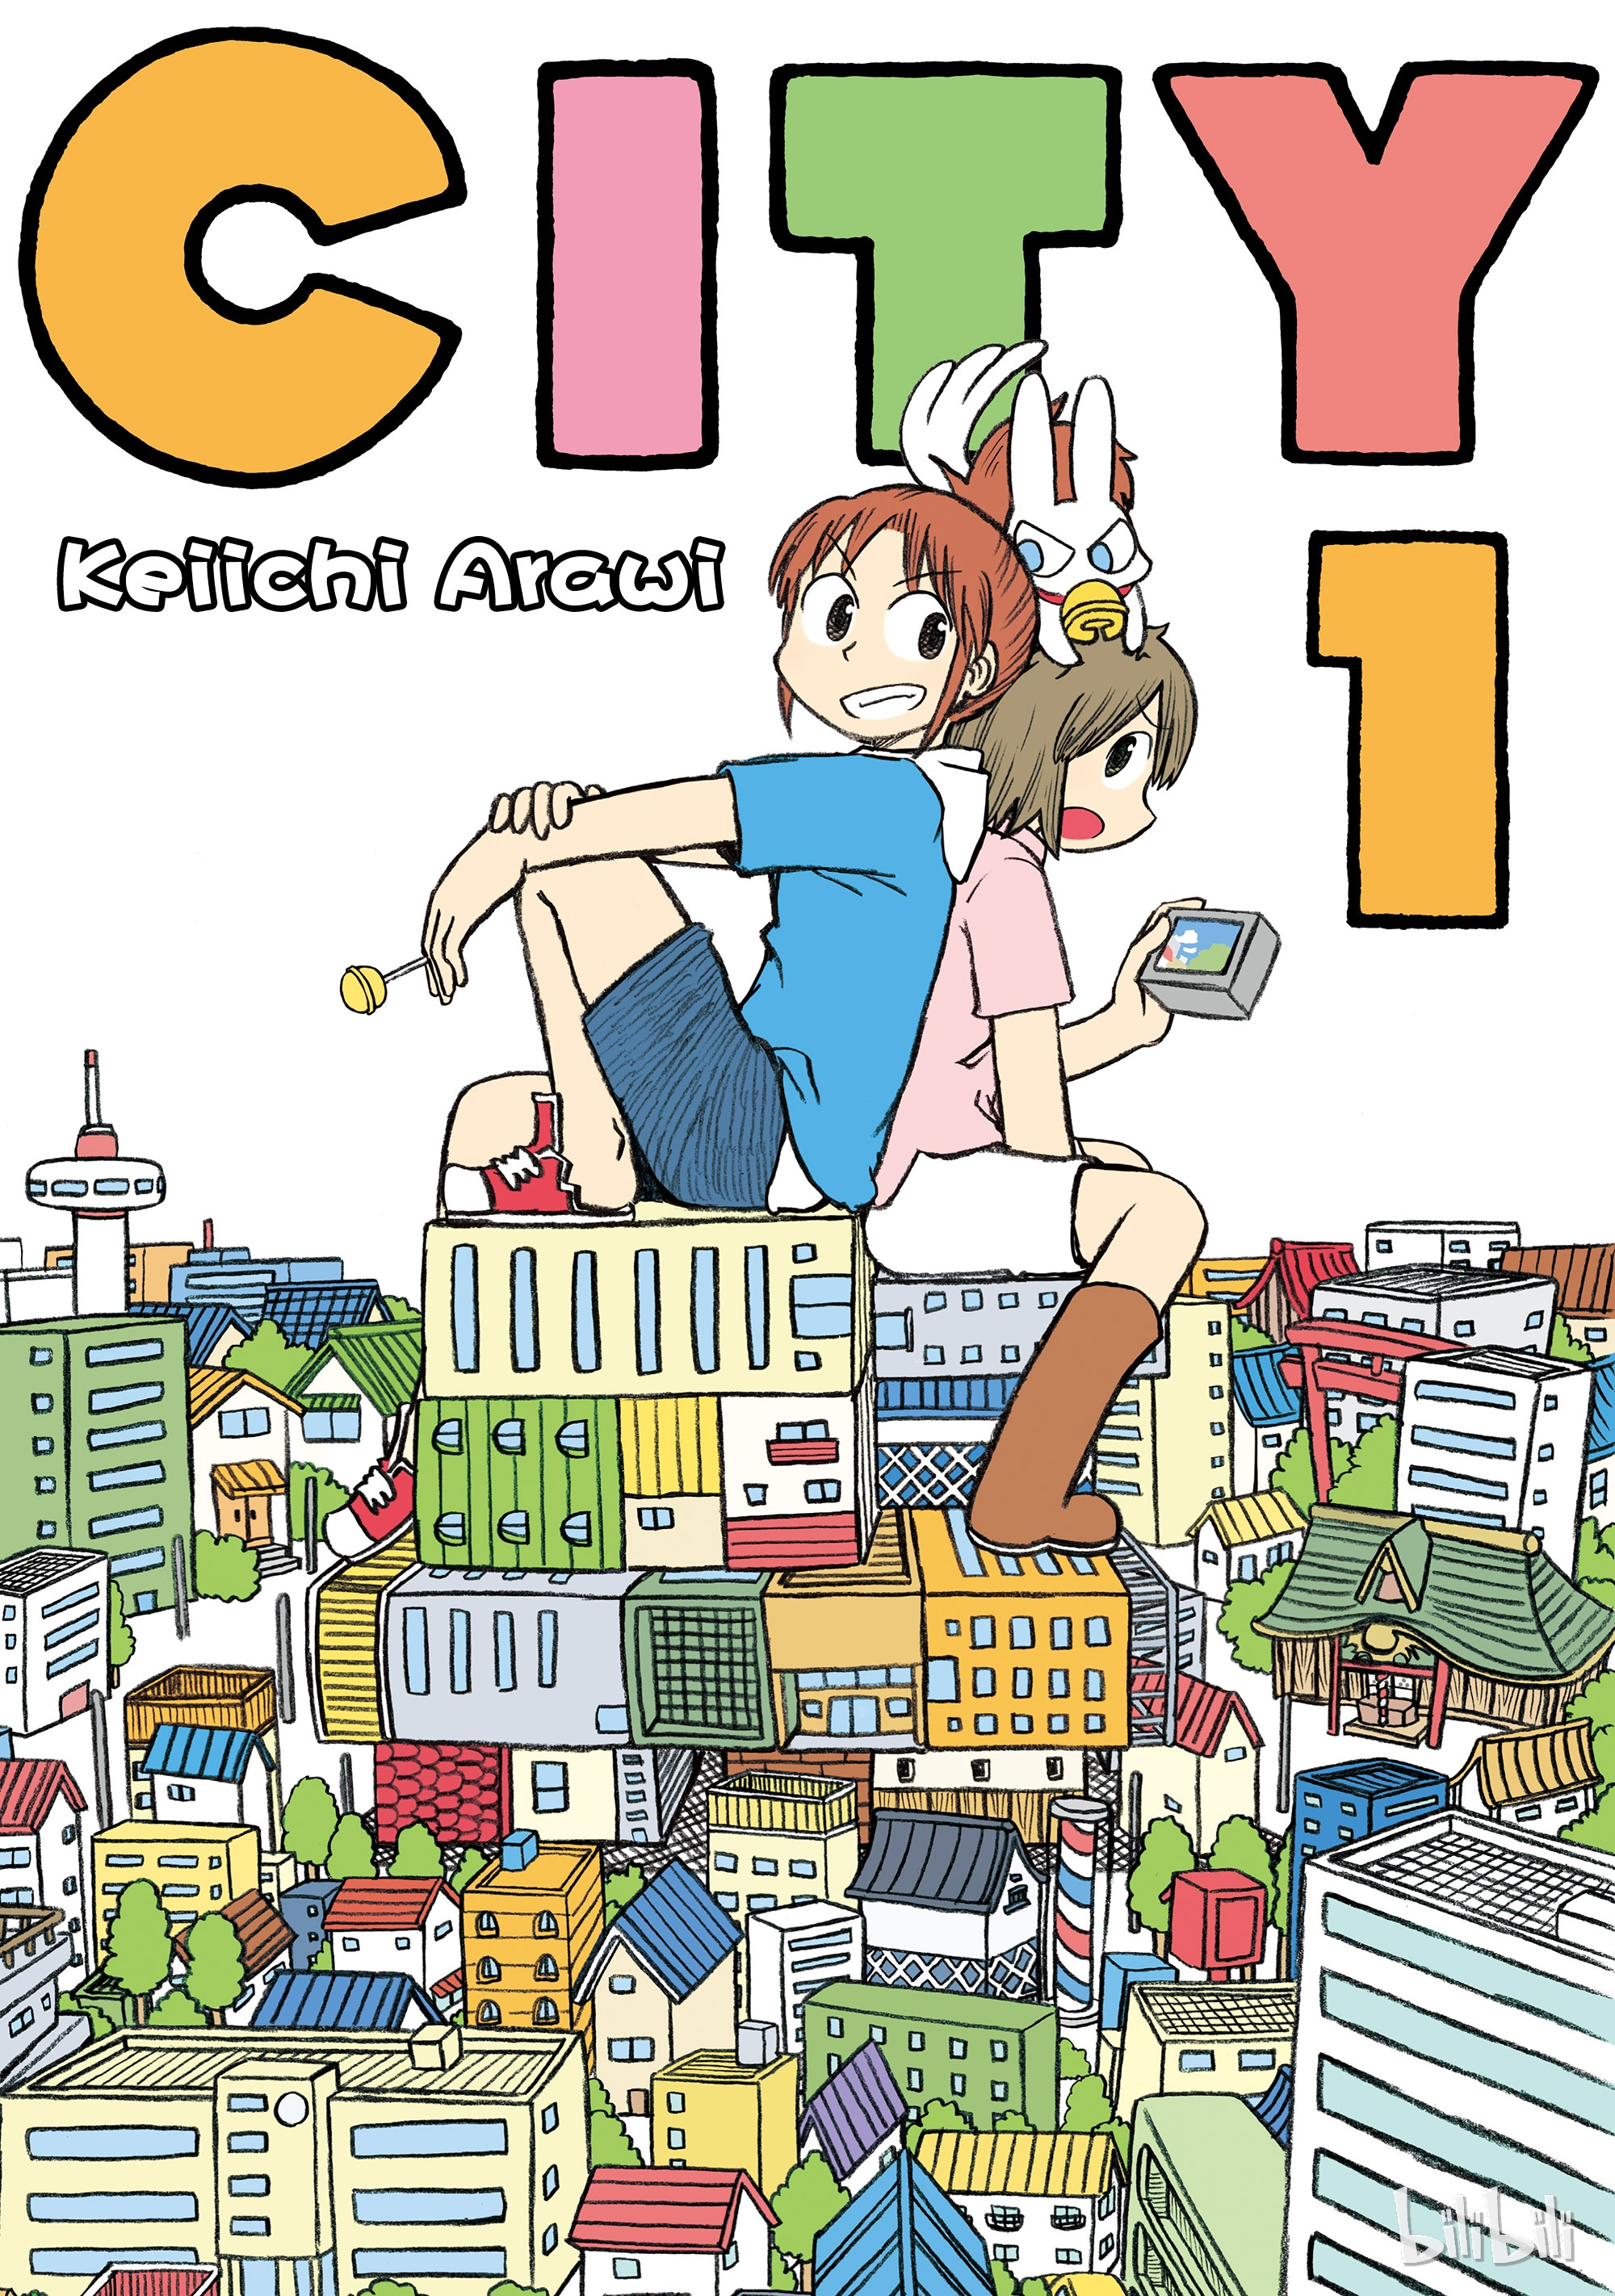 【漫画】【完结】《CITY》百度网盘下载